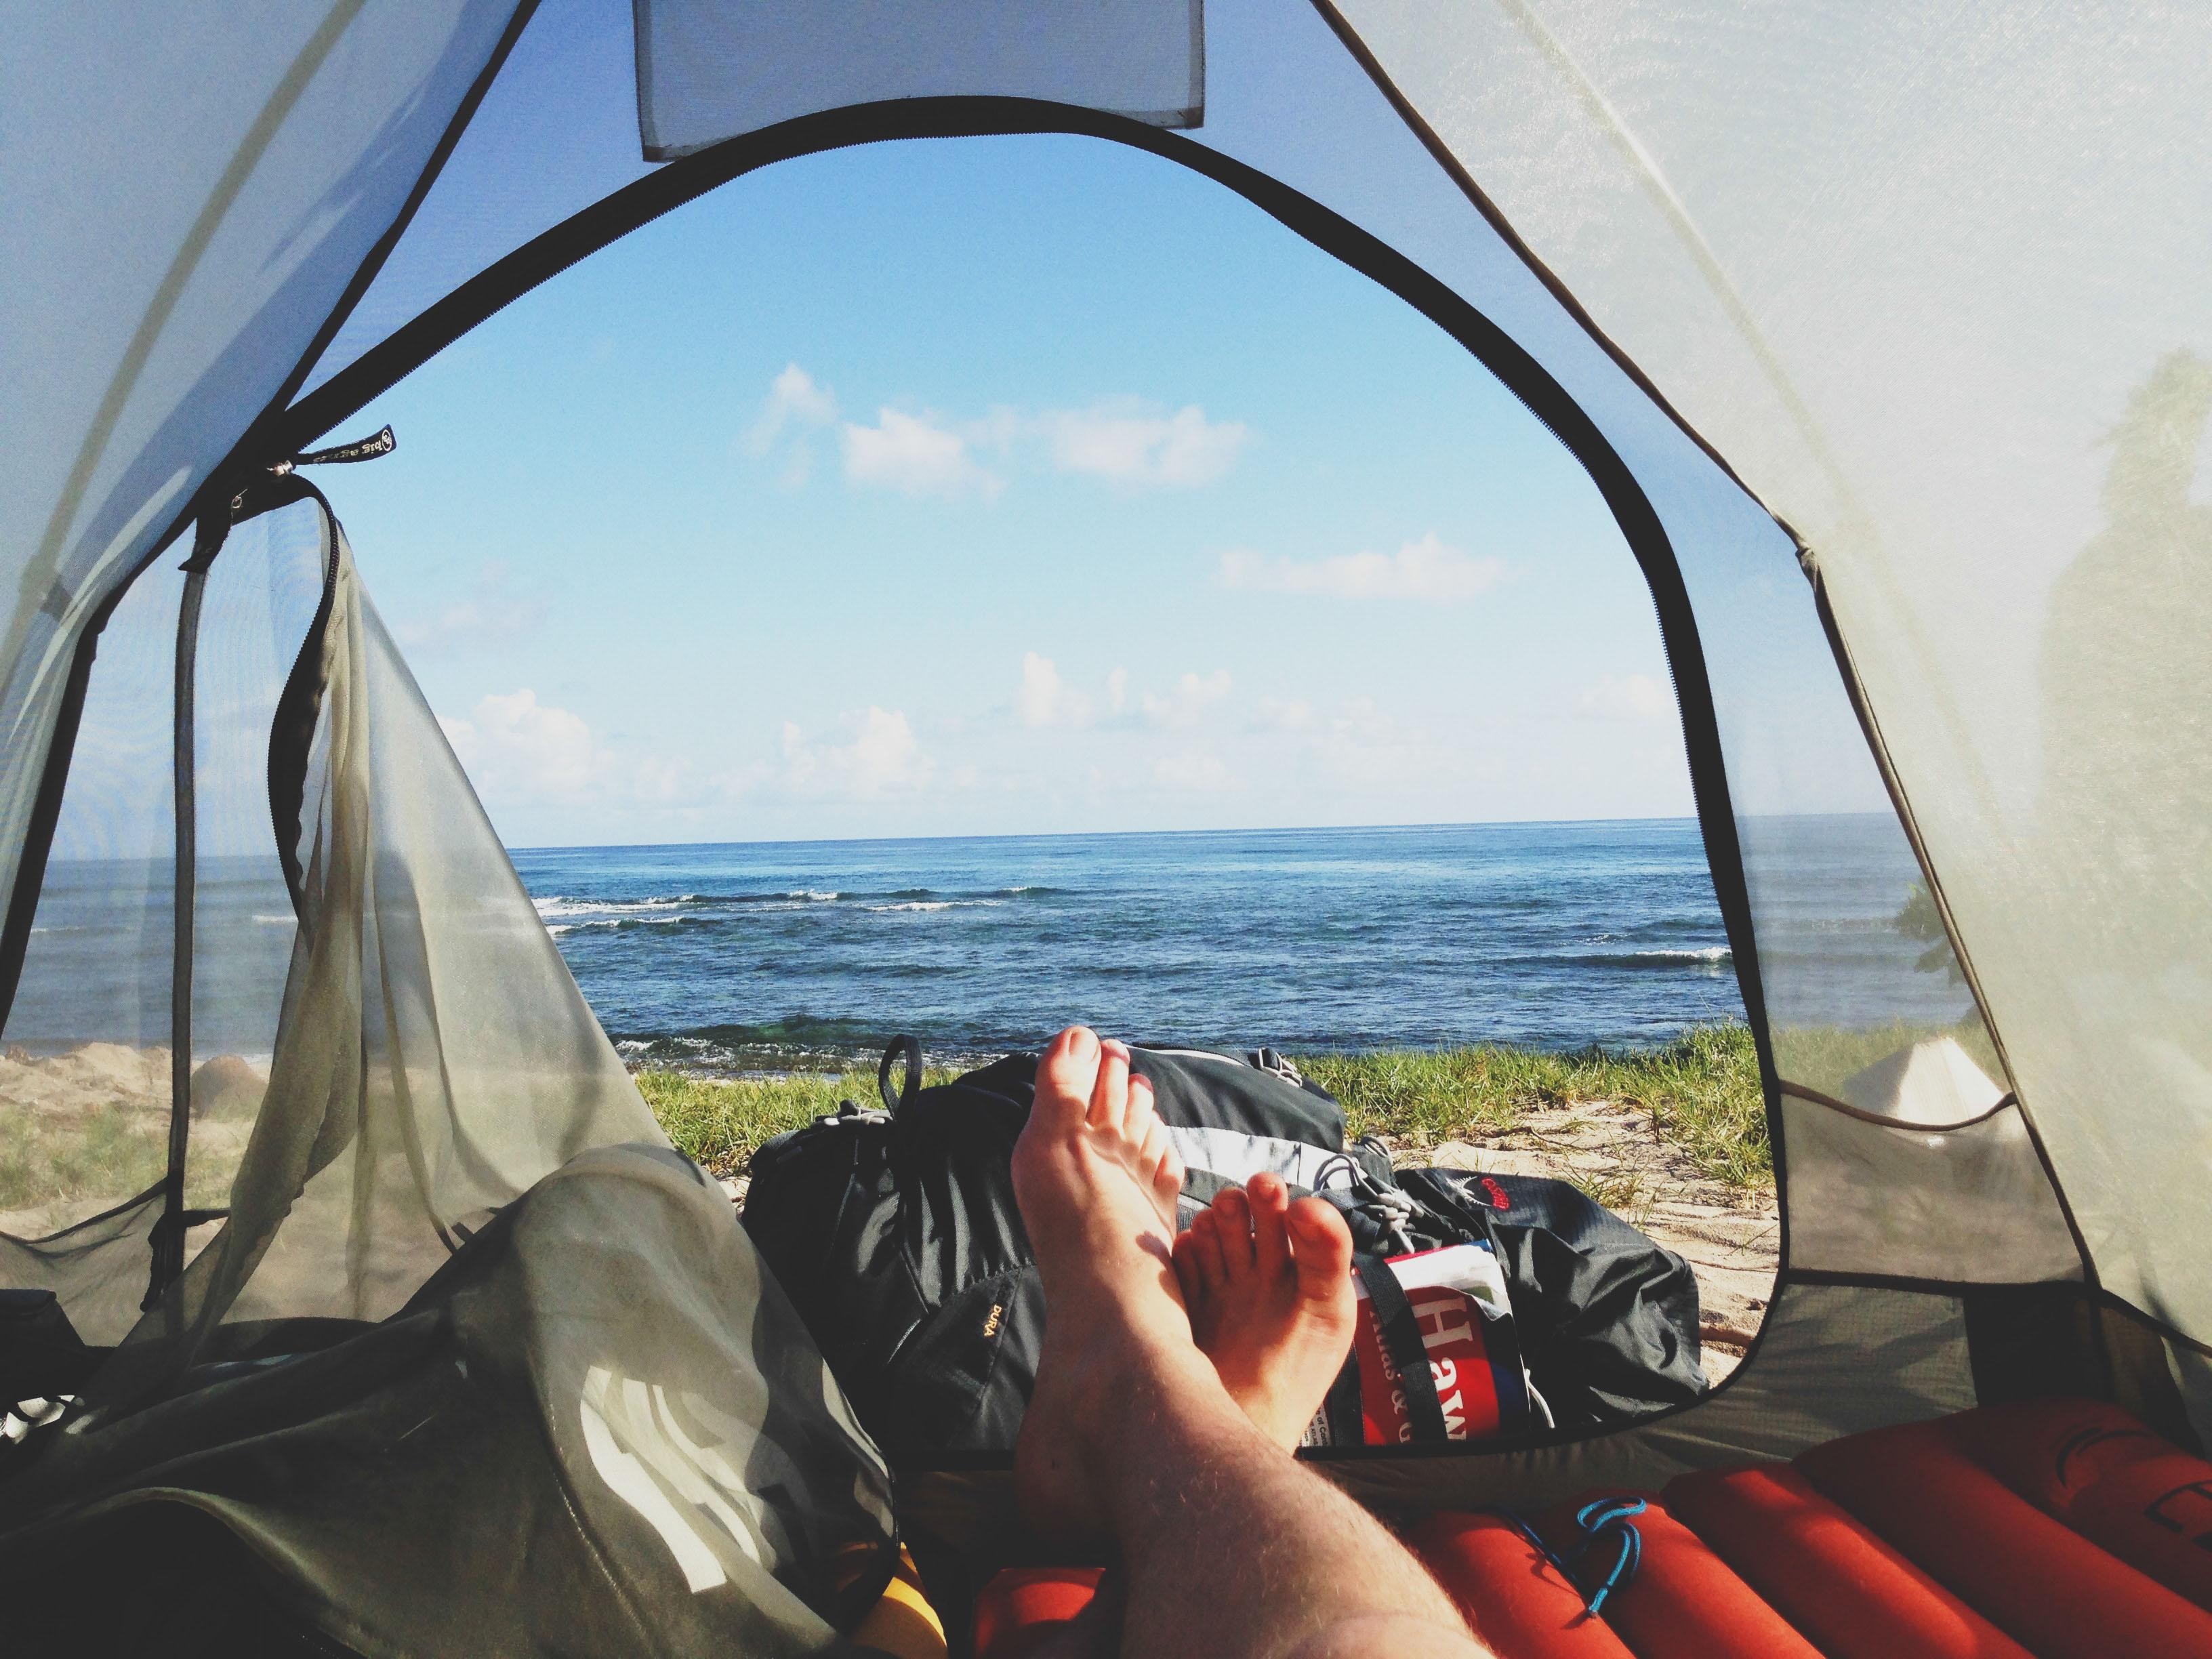 Фото из палатки с девушкой